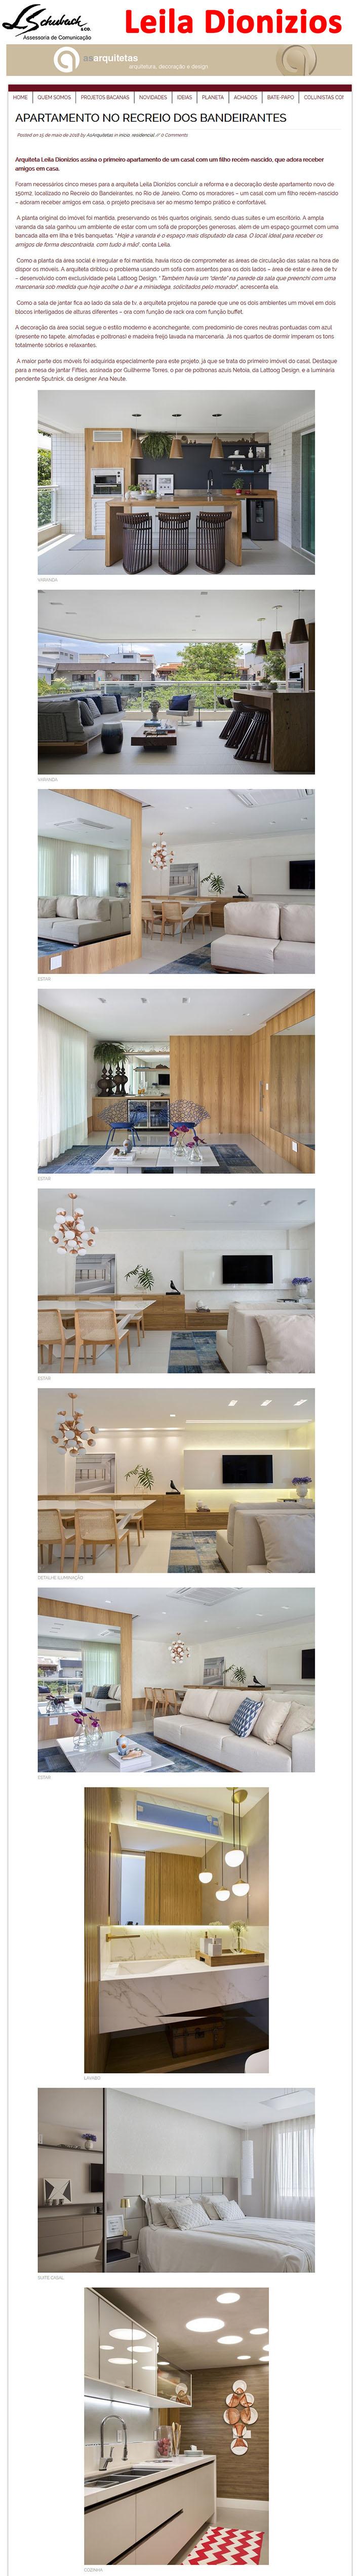 Projeto da arquiteta LEILA DIONIZIOS no site As Arquitetas em 15 de maio de 2018